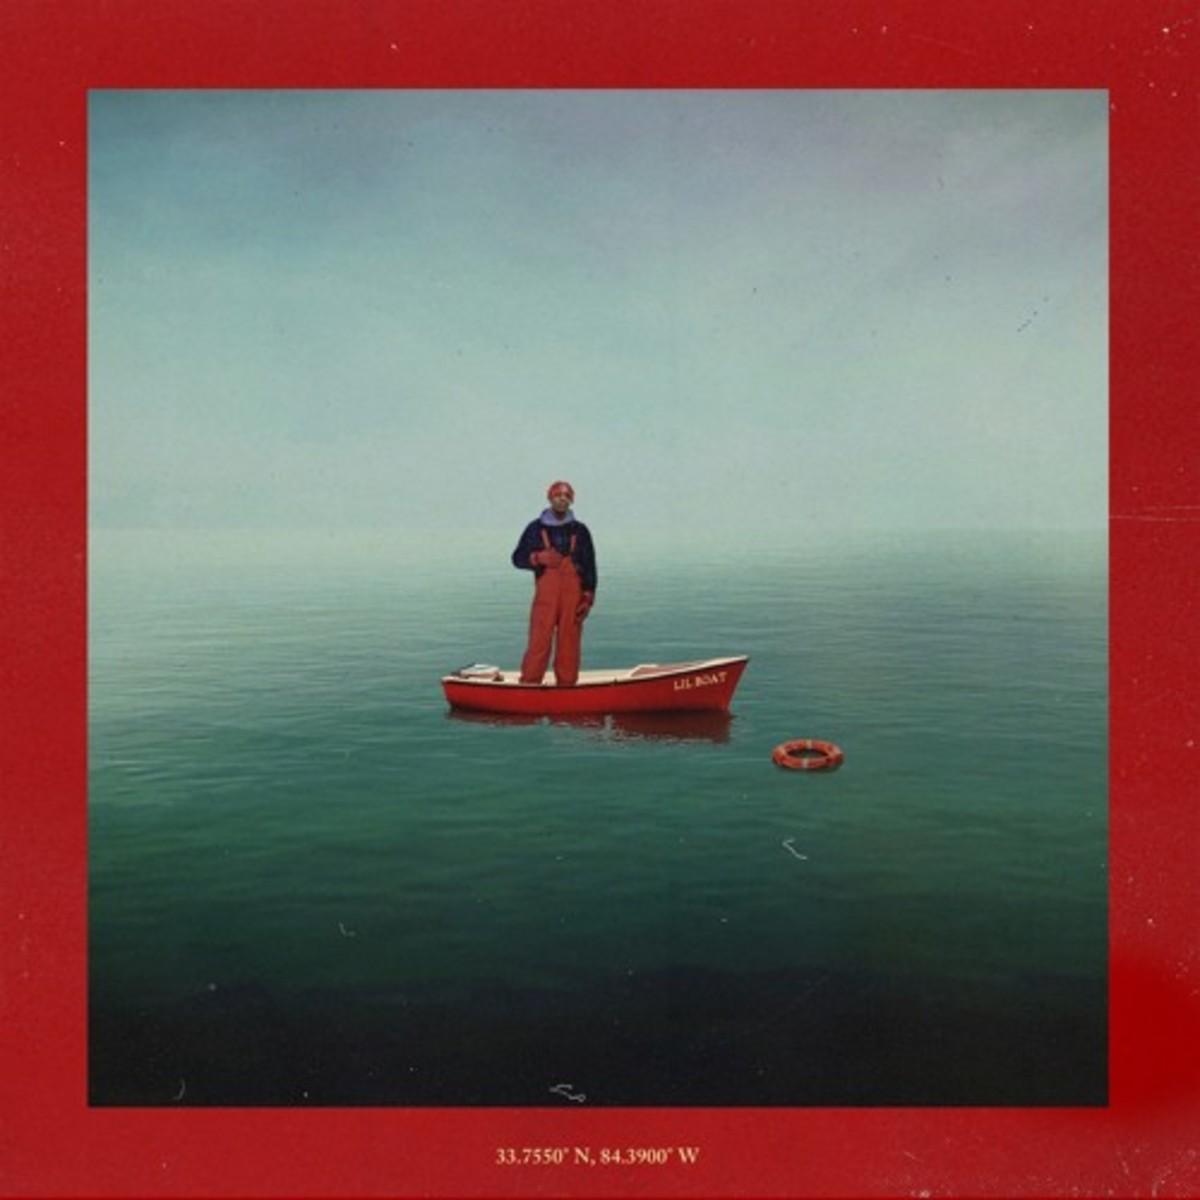 lil-yachty-lil-boat-the-mixtape.jpg